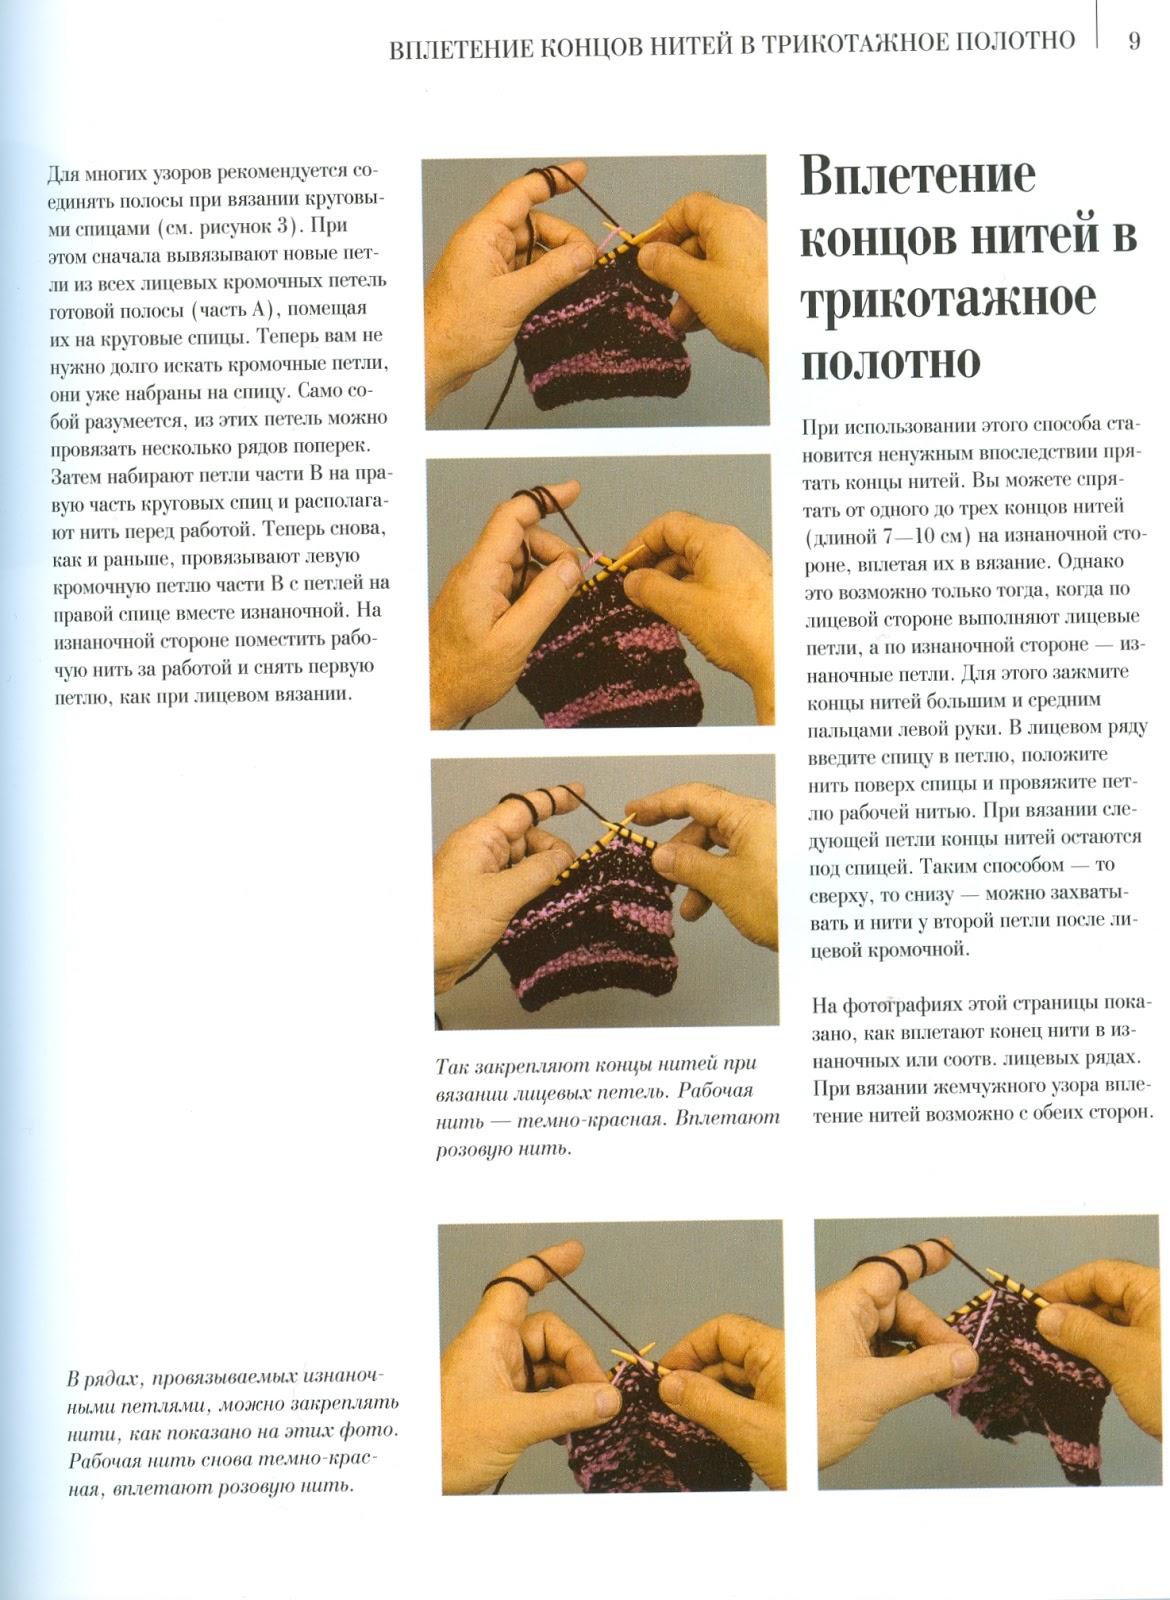 Нить за работой в вязании спицами